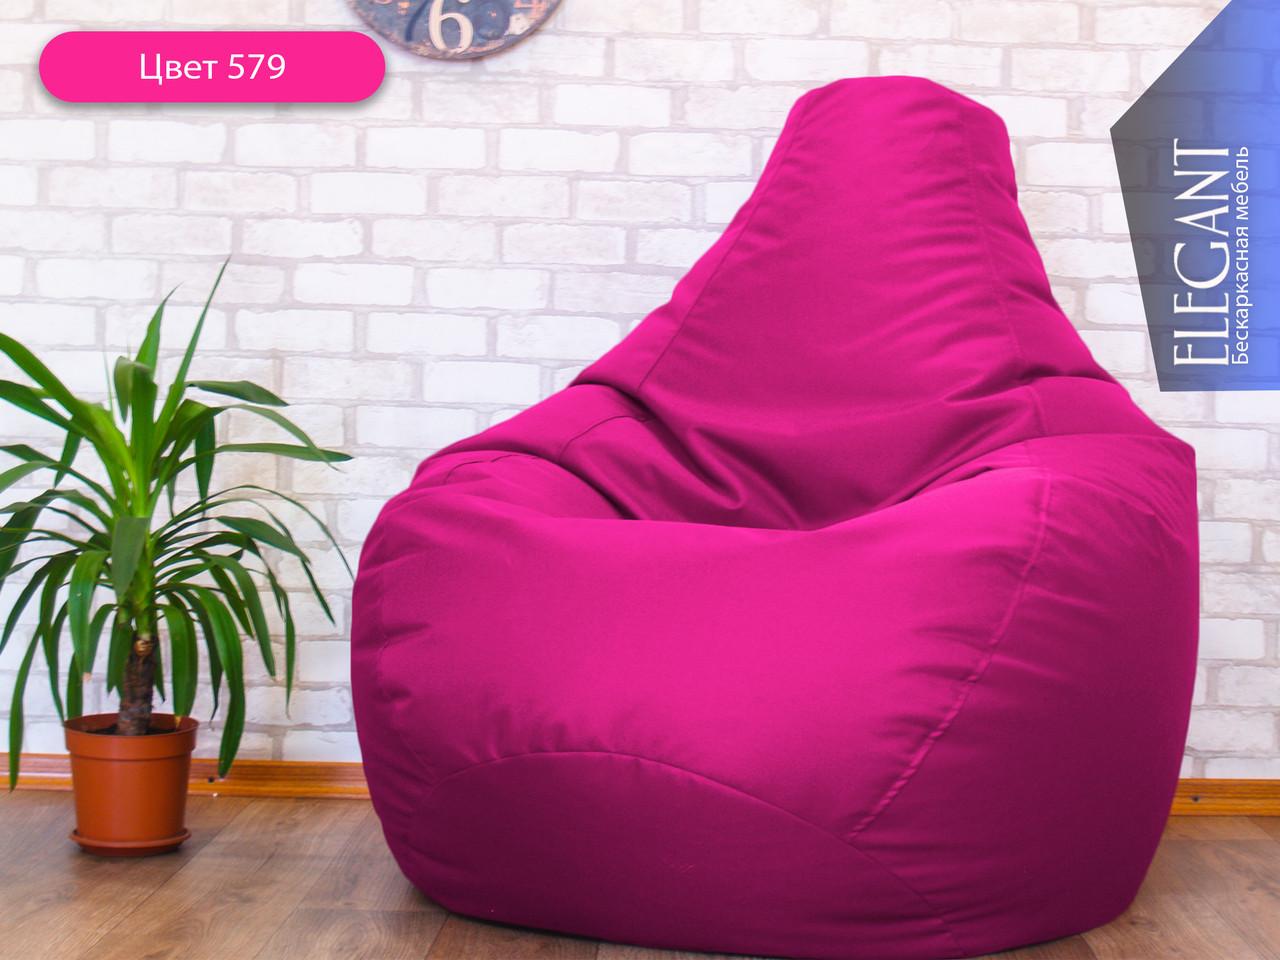 Кресло мешок, бескаркасное кресло Груша ХЛ, зеленое ХЛ 105*85 см, малиновый 579